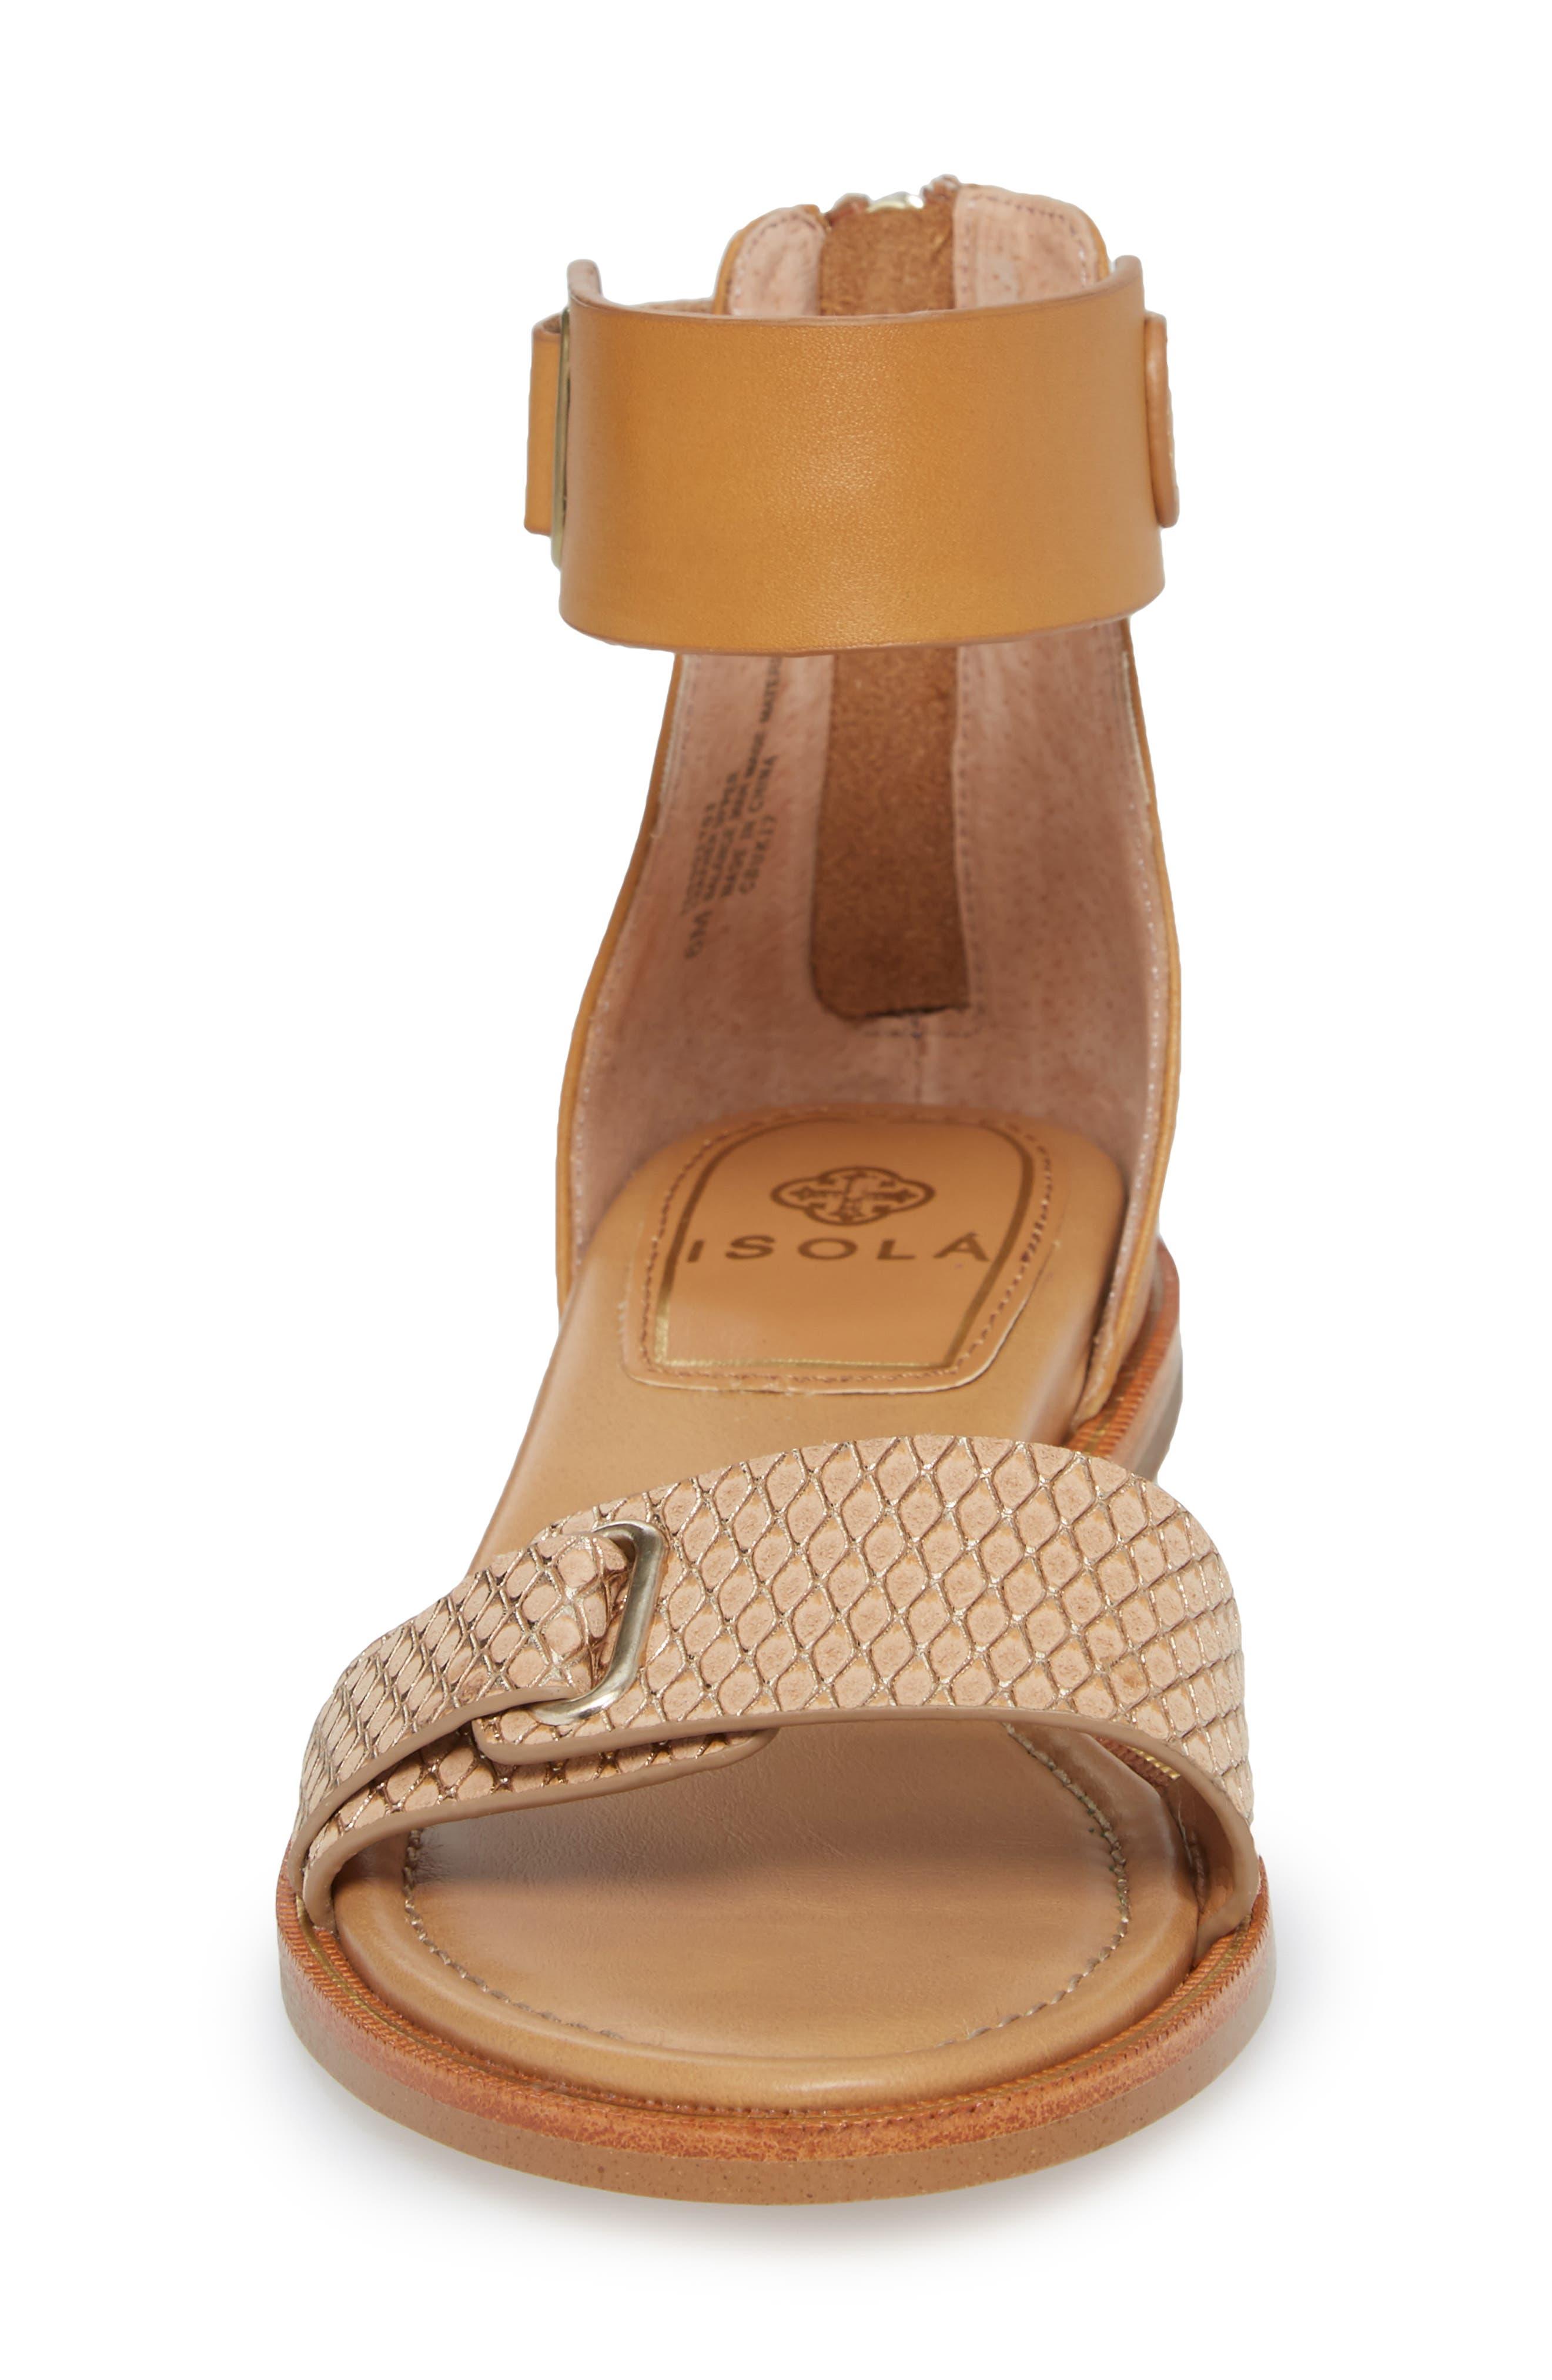 Savina Ankle Strap Sandal,                             Alternate thumbnail 4, color,                             Gold/ Desert Sand Leather